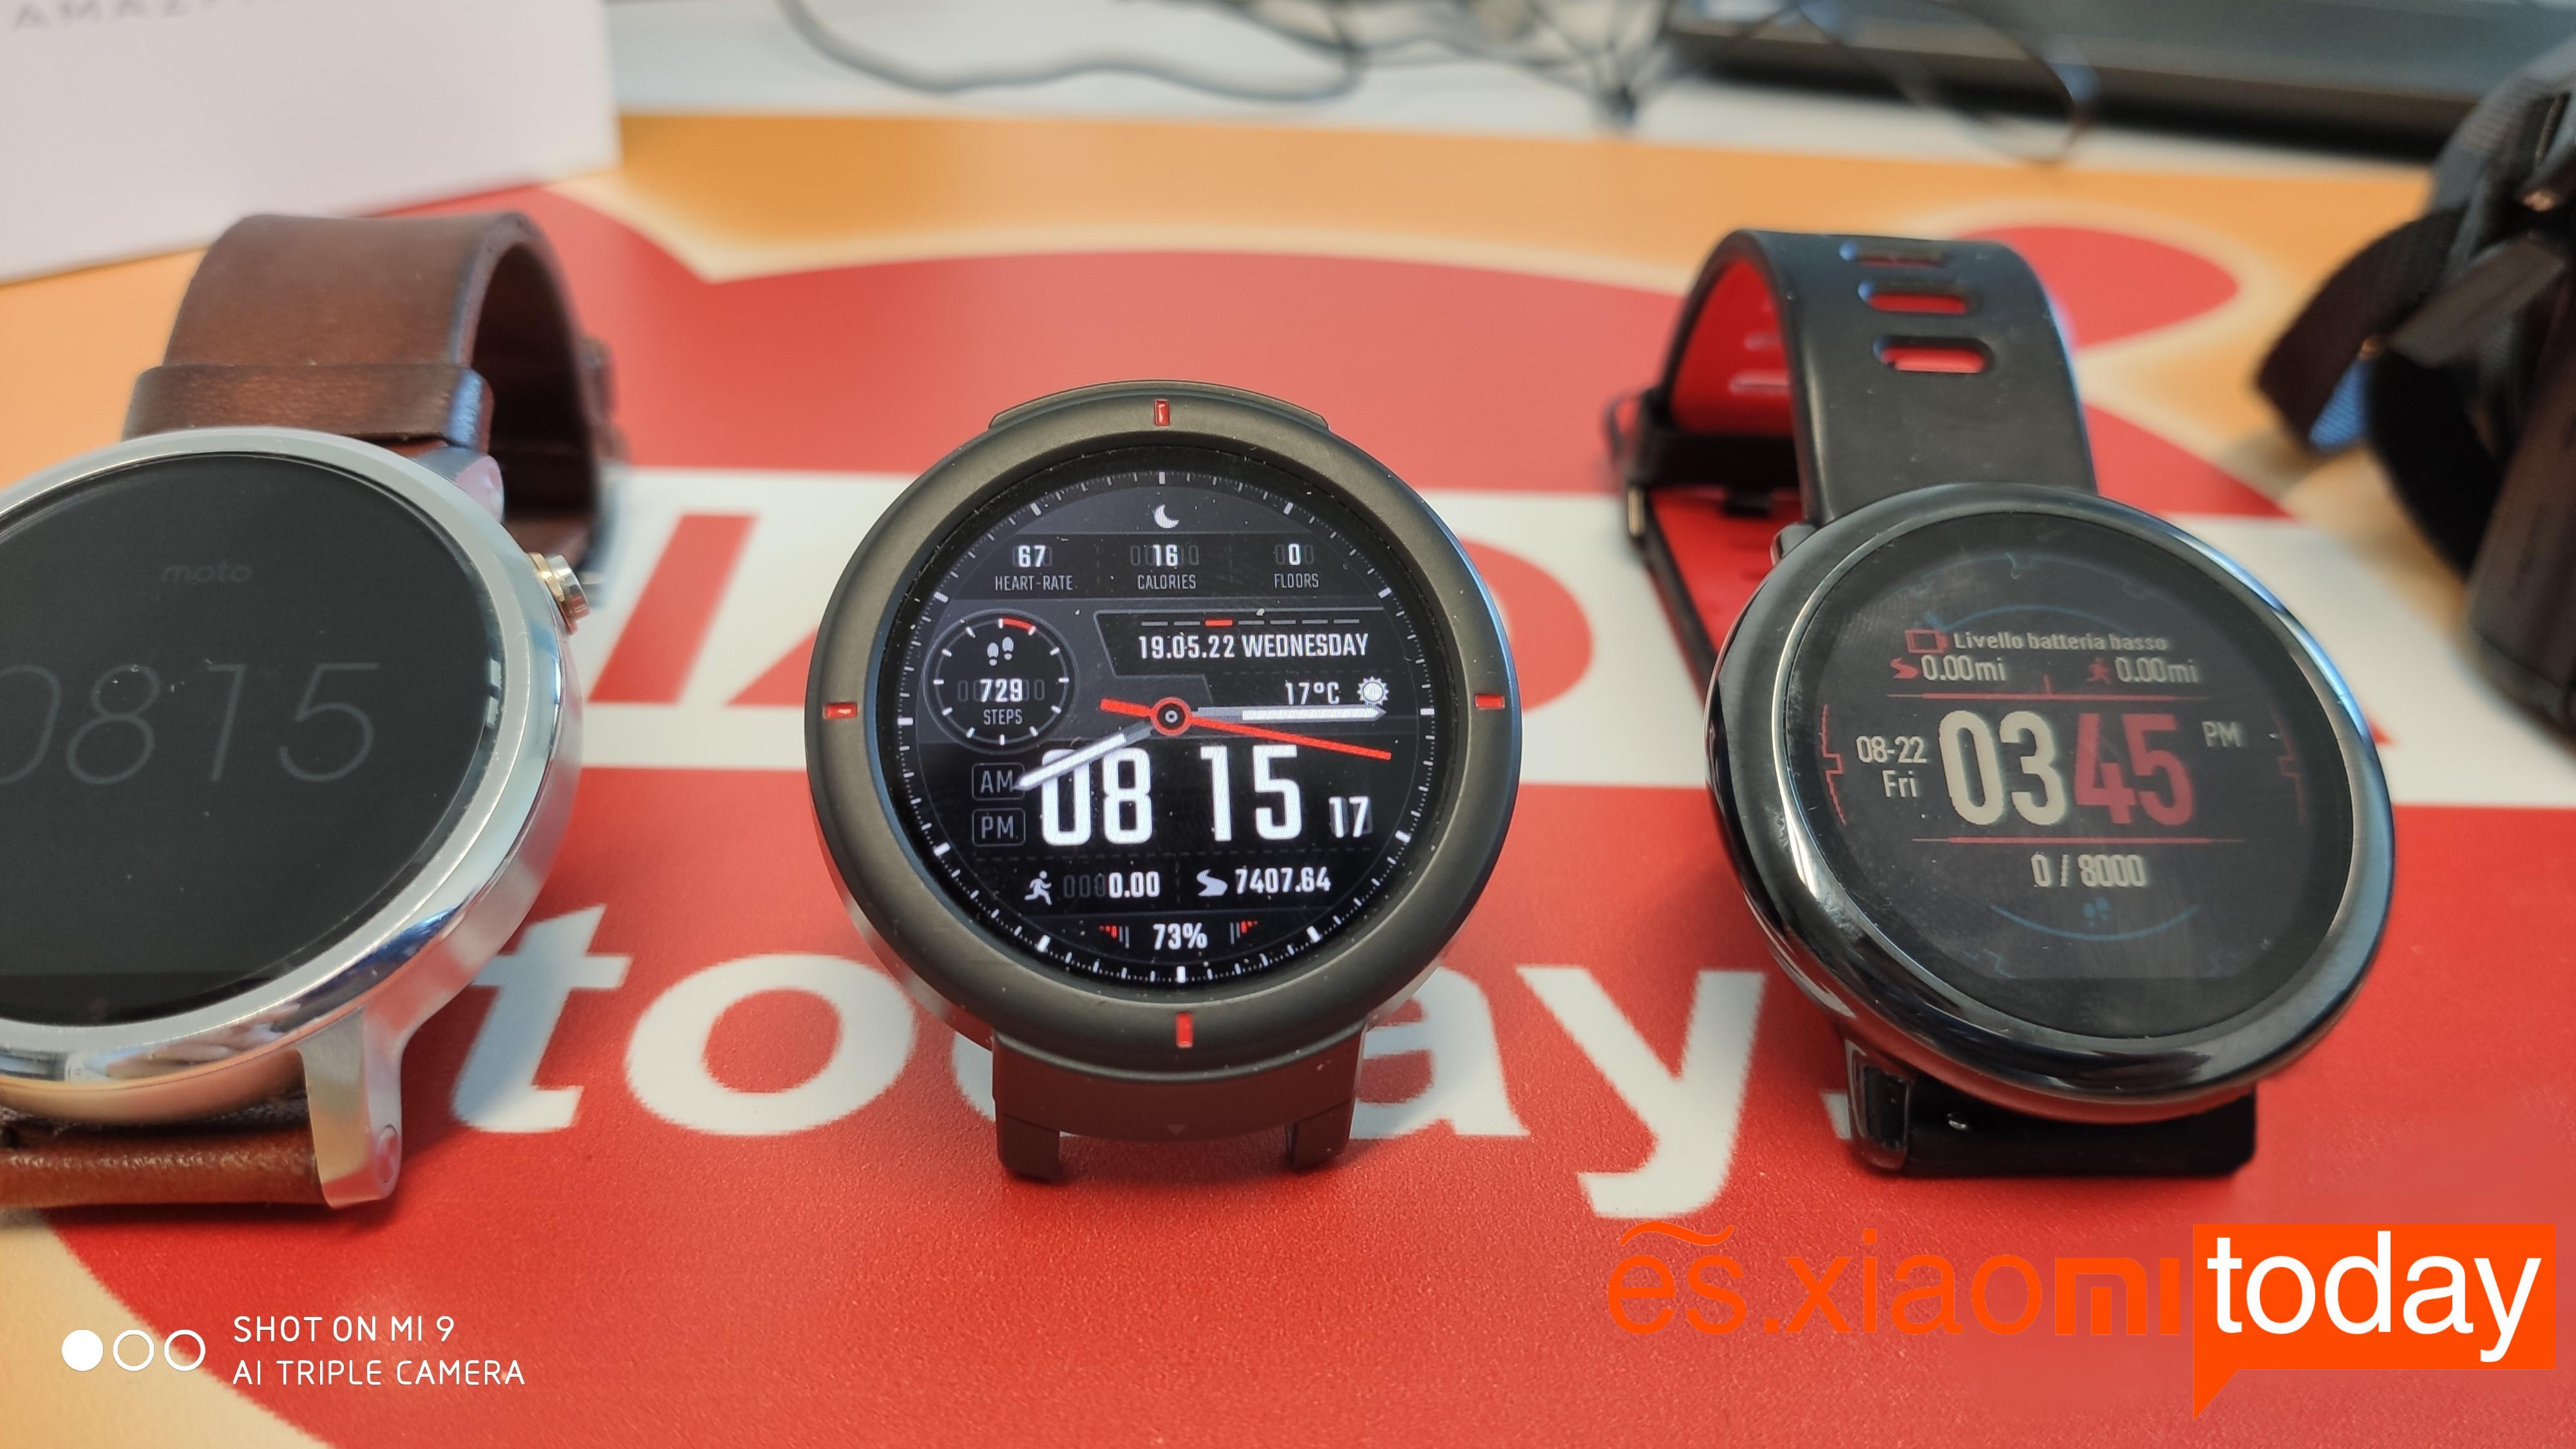 Amazfit Verge Análisis: uno de los mejores relojes inteligentes en el mercado